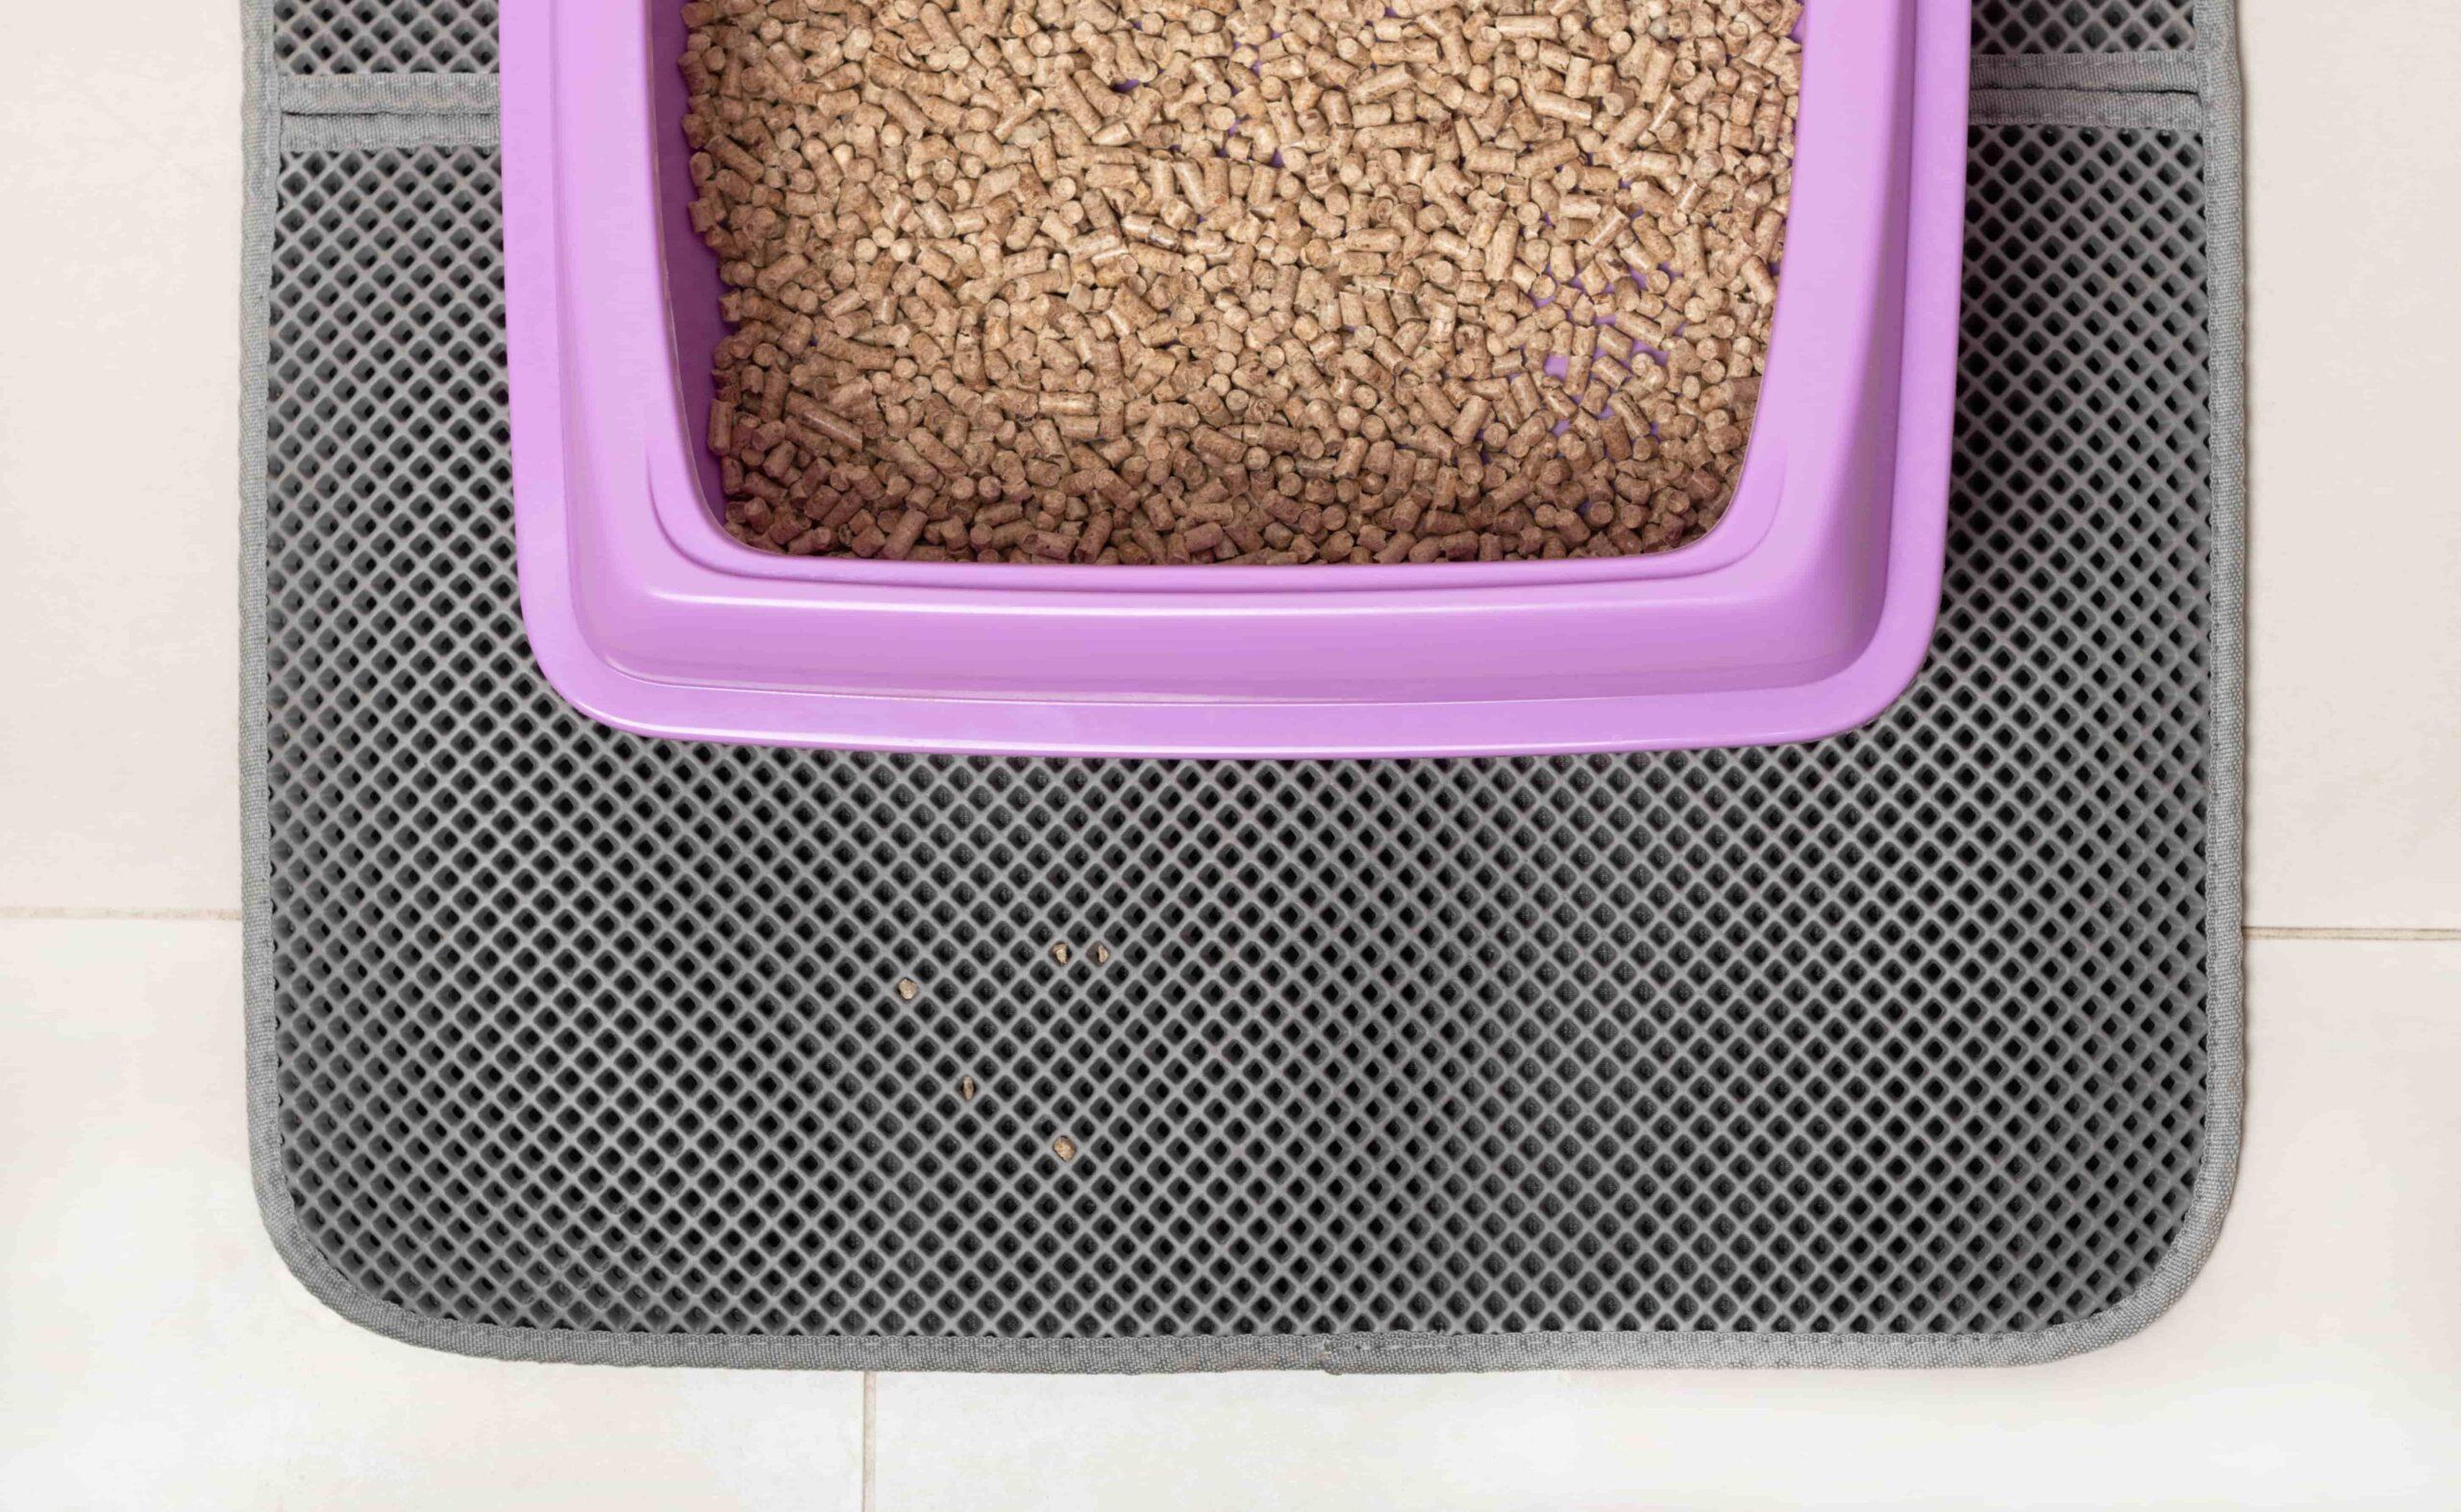 Kedi Tuvalet Paspası Nedir, Ne İşe Yarar?